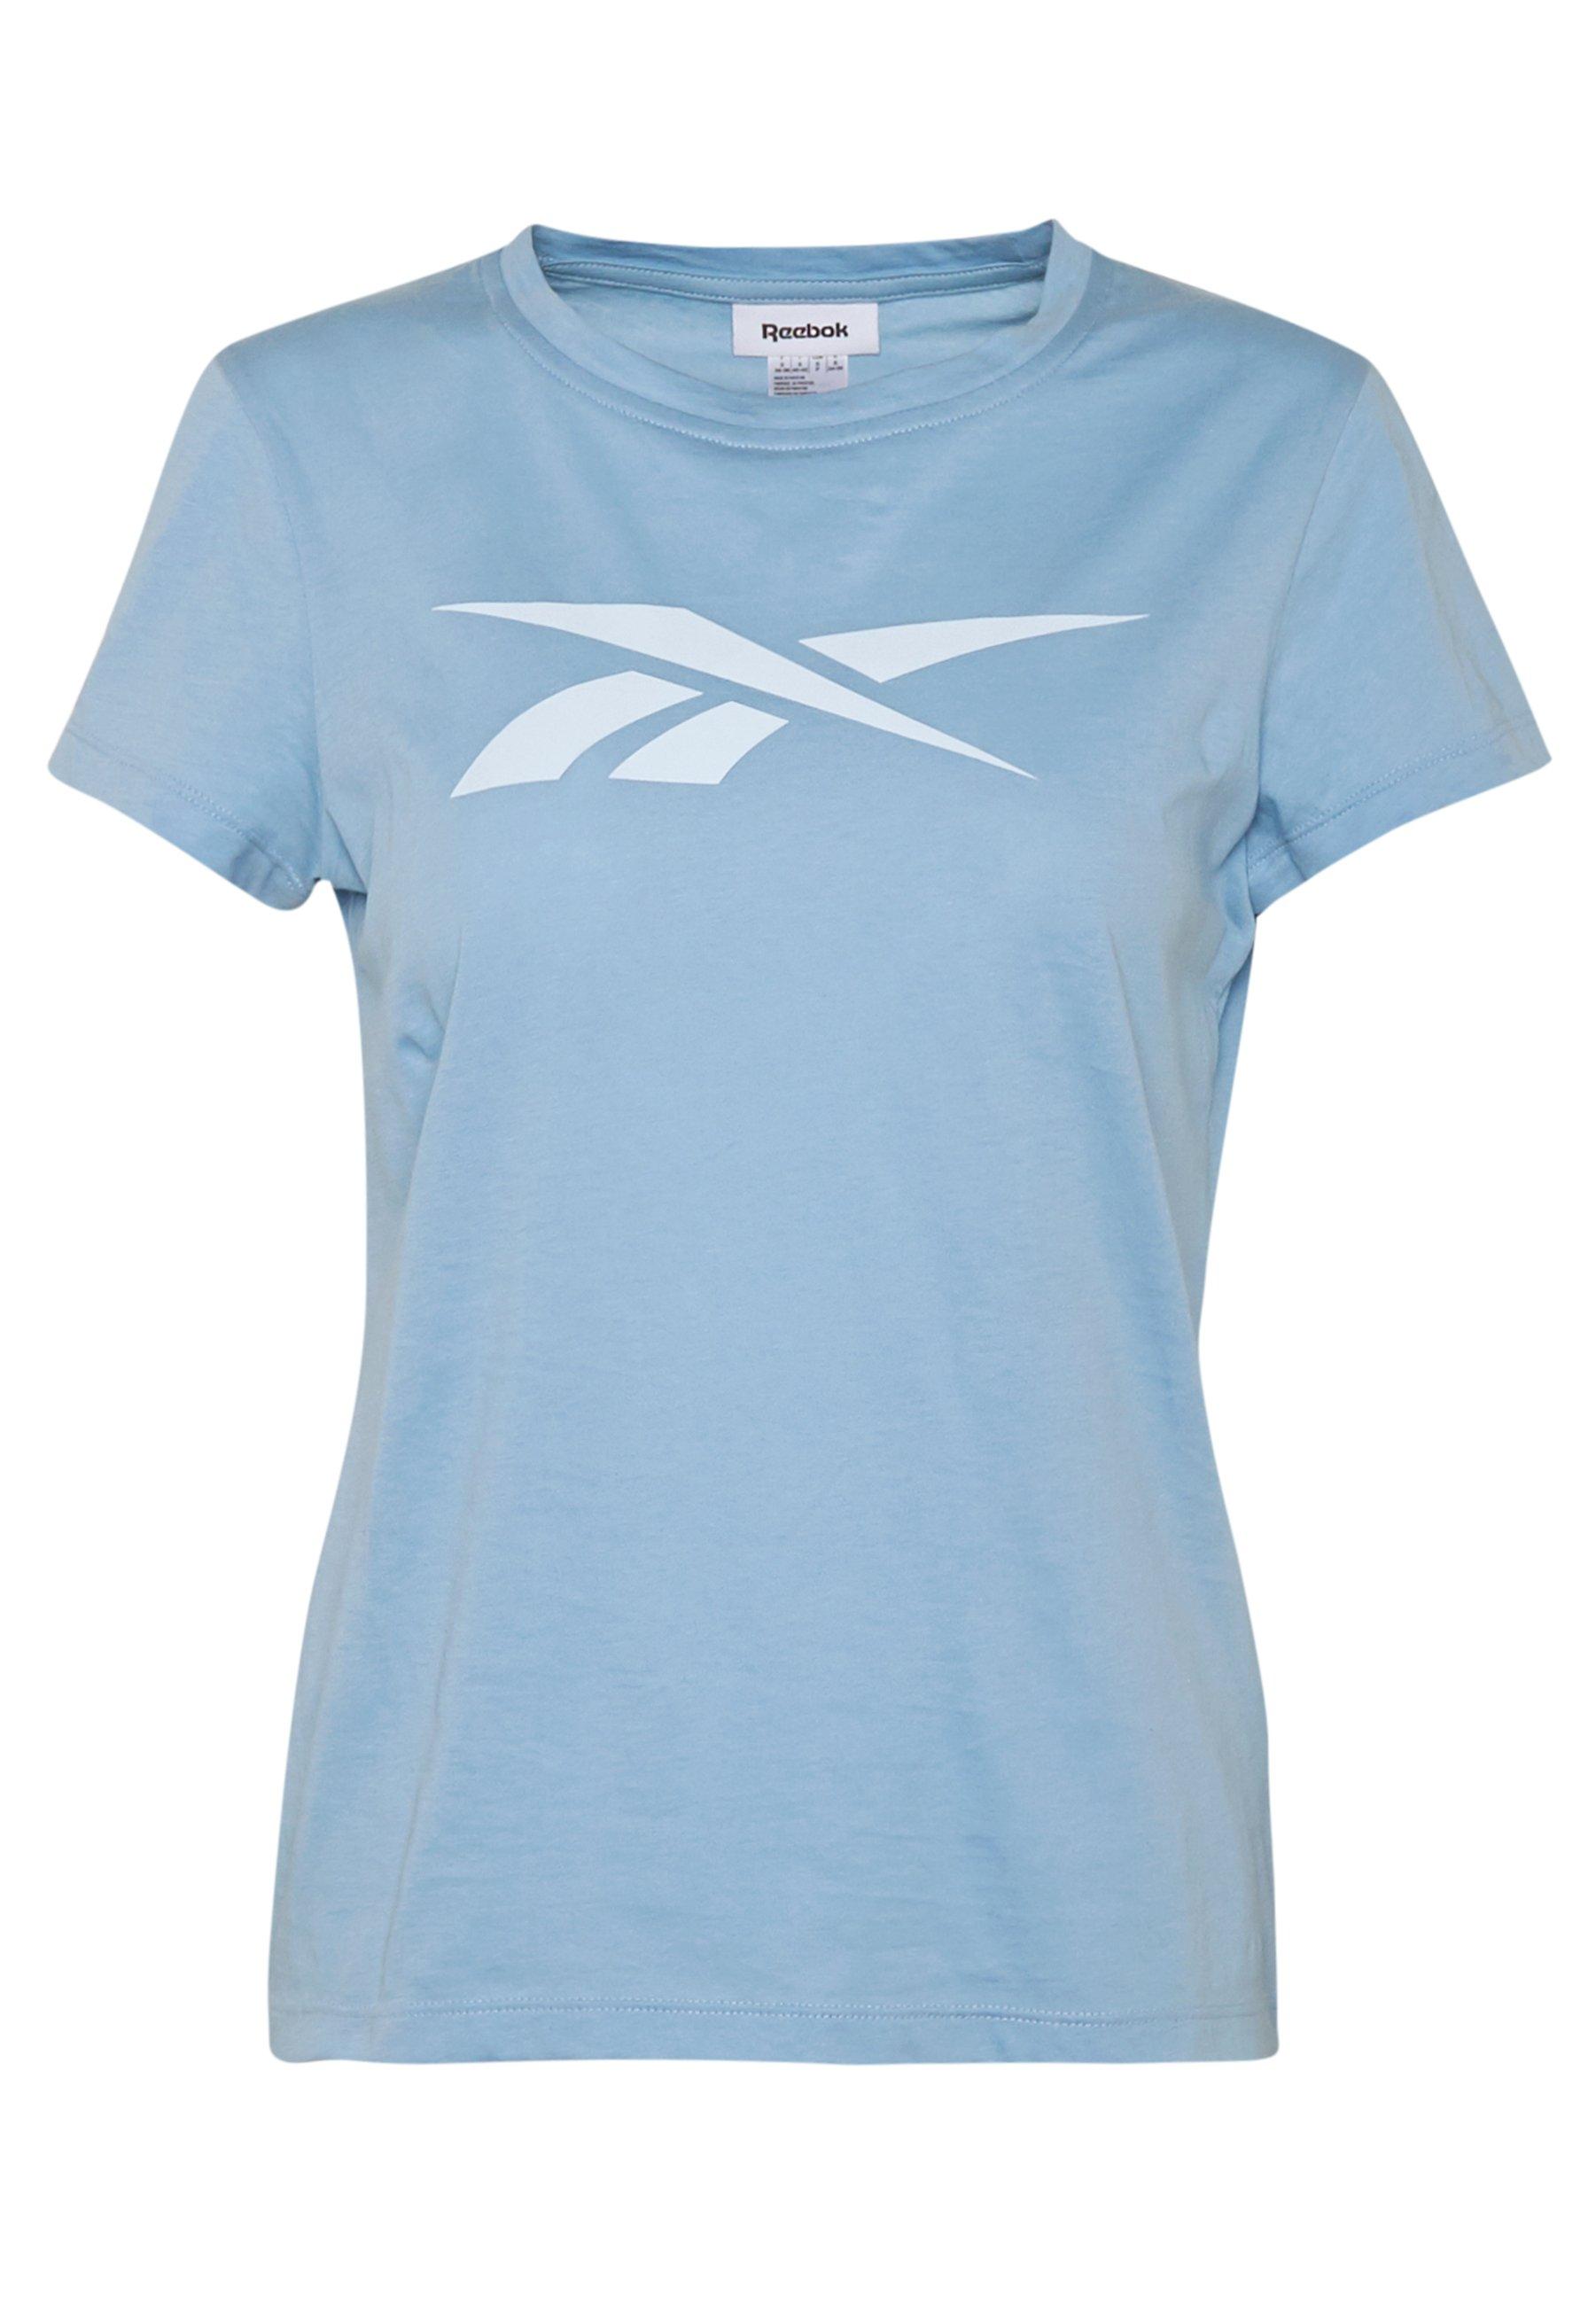 Reebok Vector Tee - Print T-shirt Blue